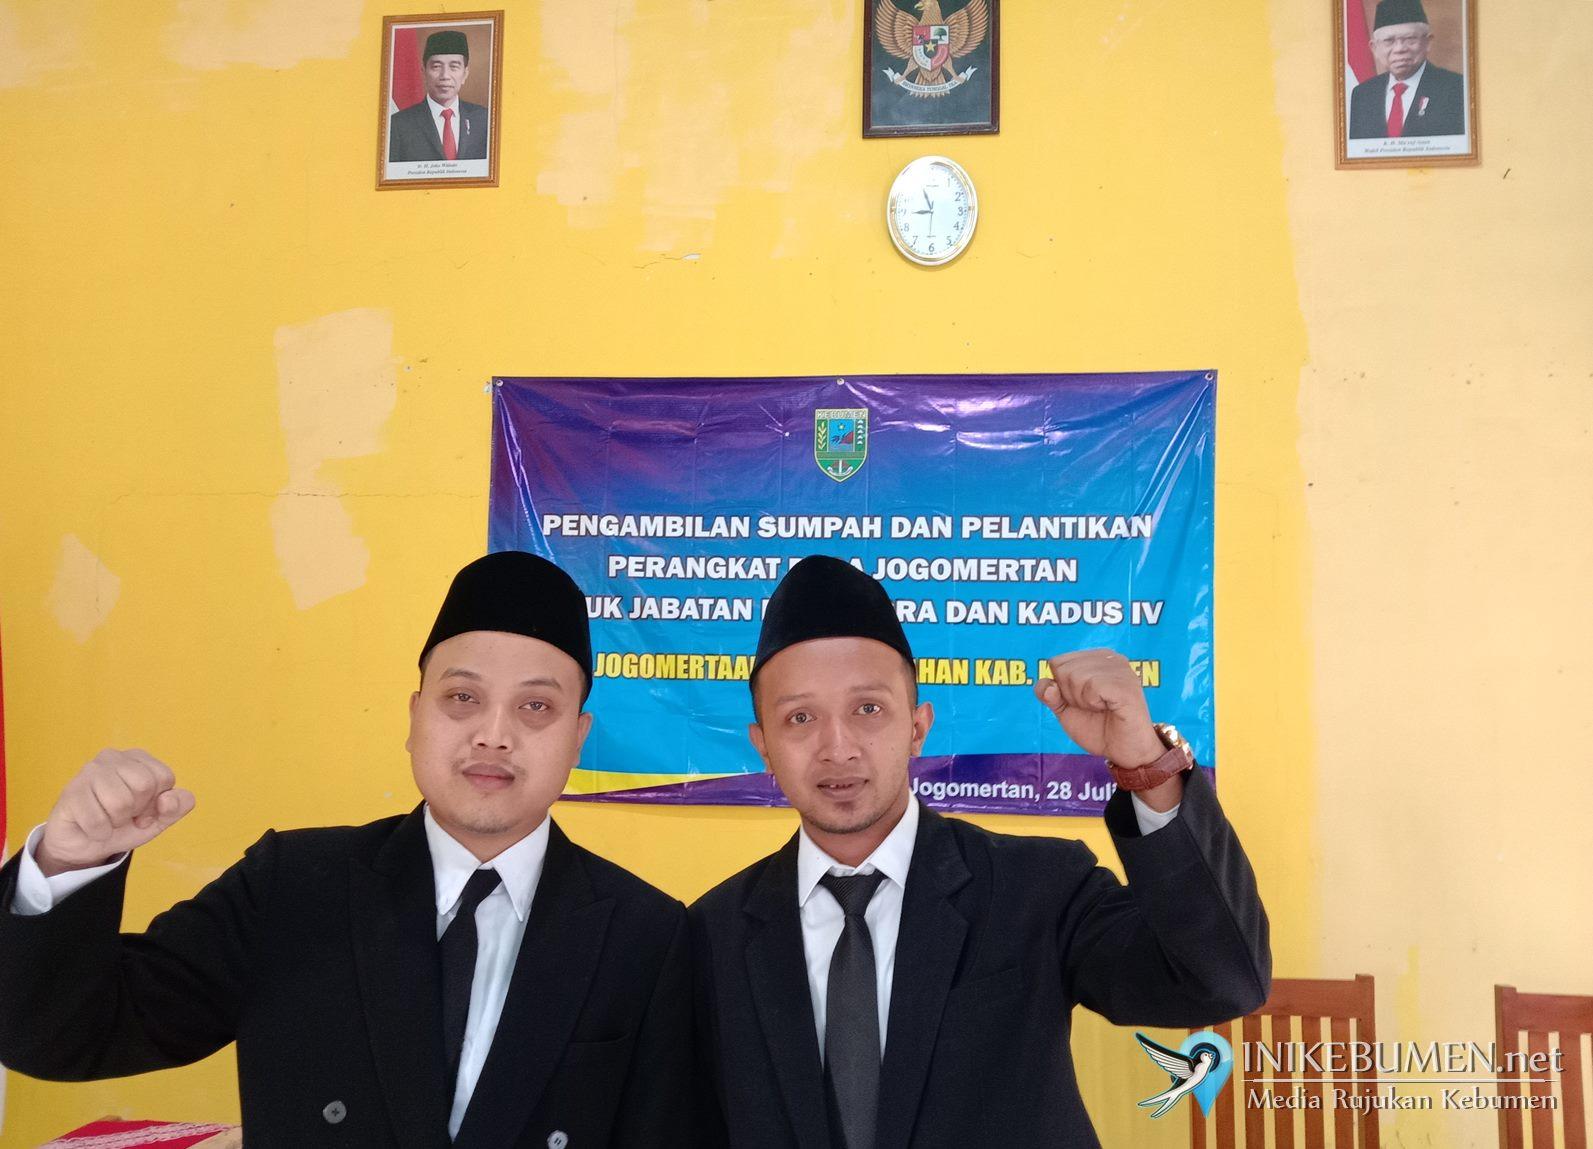 Rosid dan Muslim Resmi jadi Perangkat Desa Jogomertan Petanahan